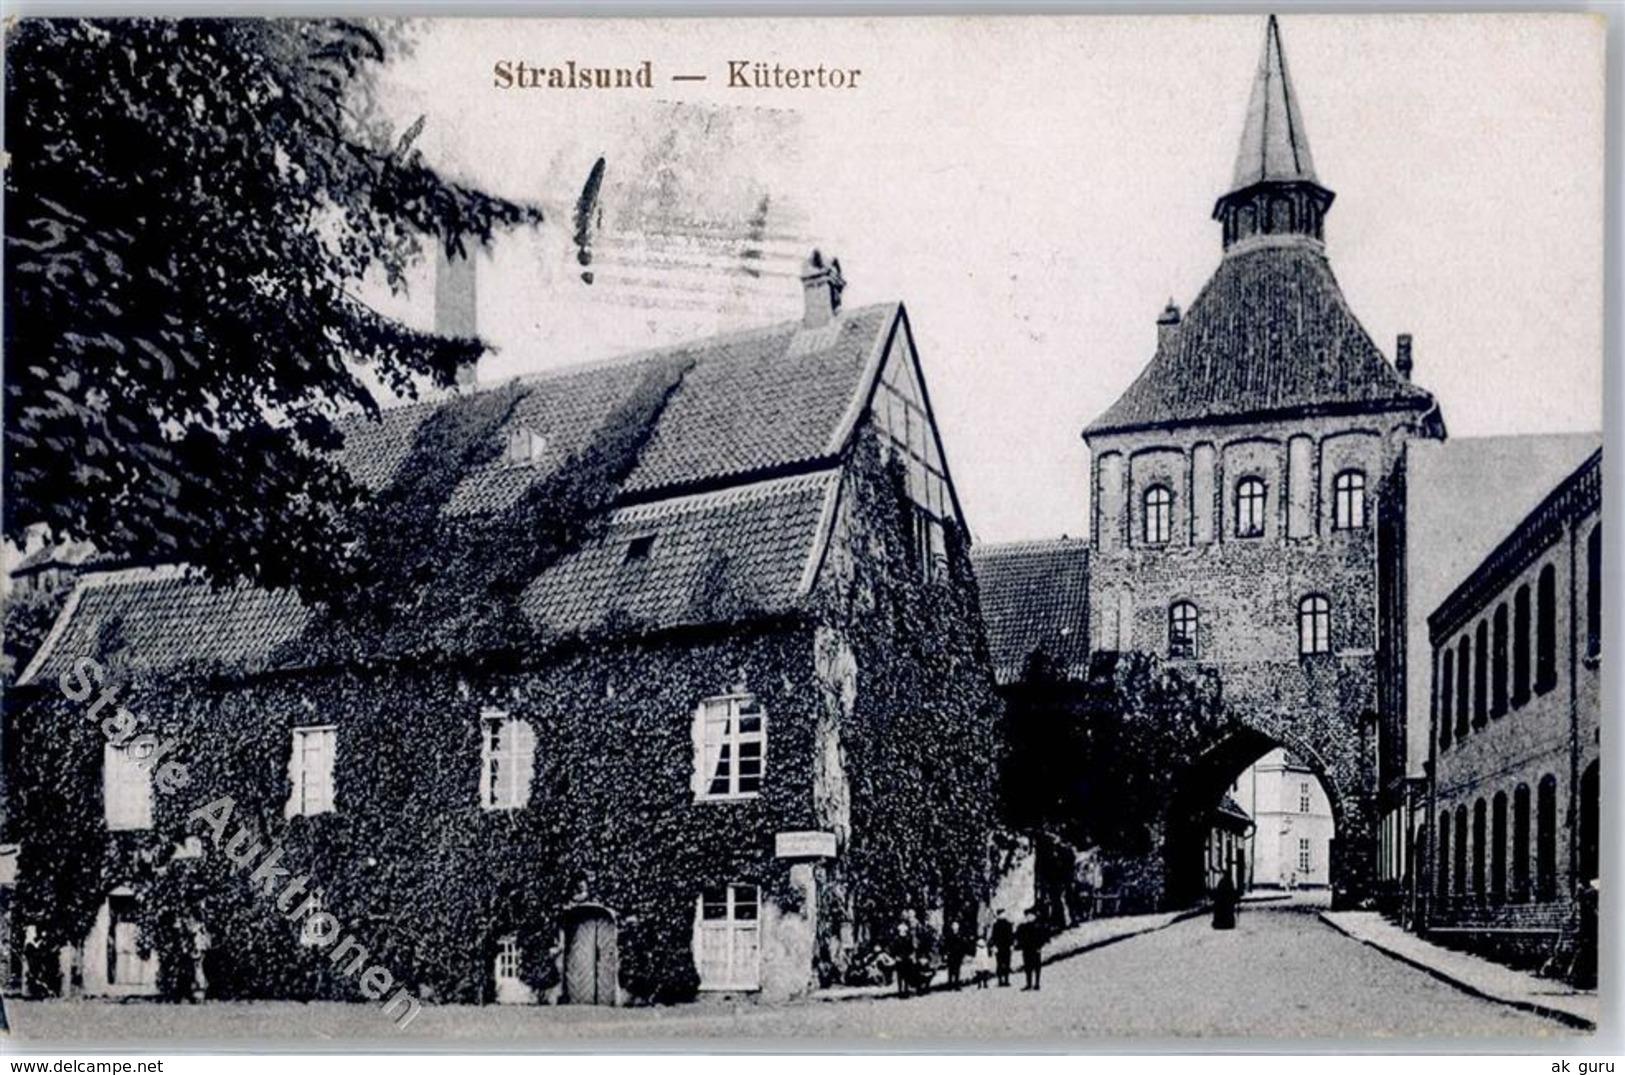 51534327 - Stralsund - Stralsund